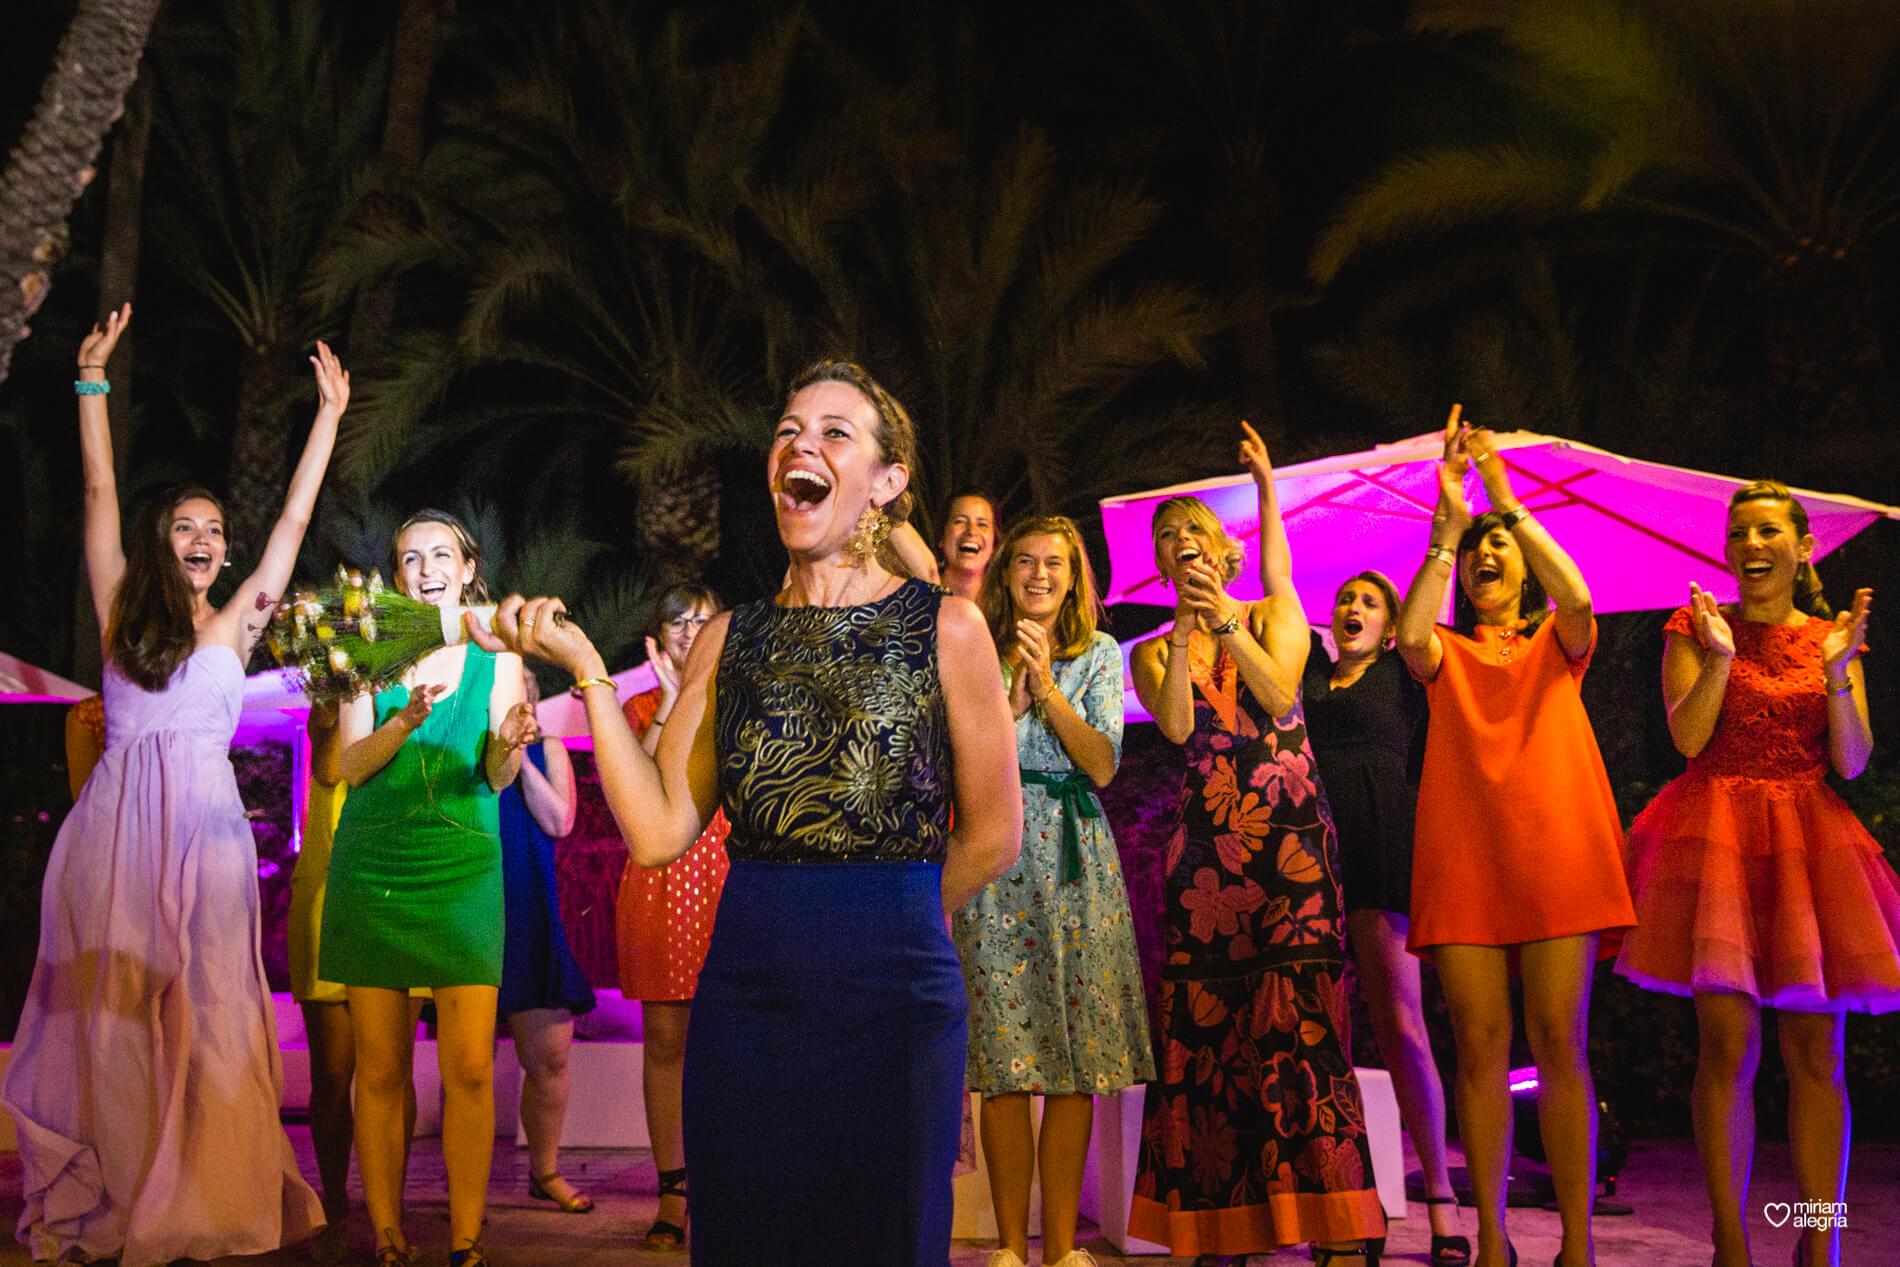 wedding-huerto-del-cura-elche-miriam-alegria-fotografos-boda-106